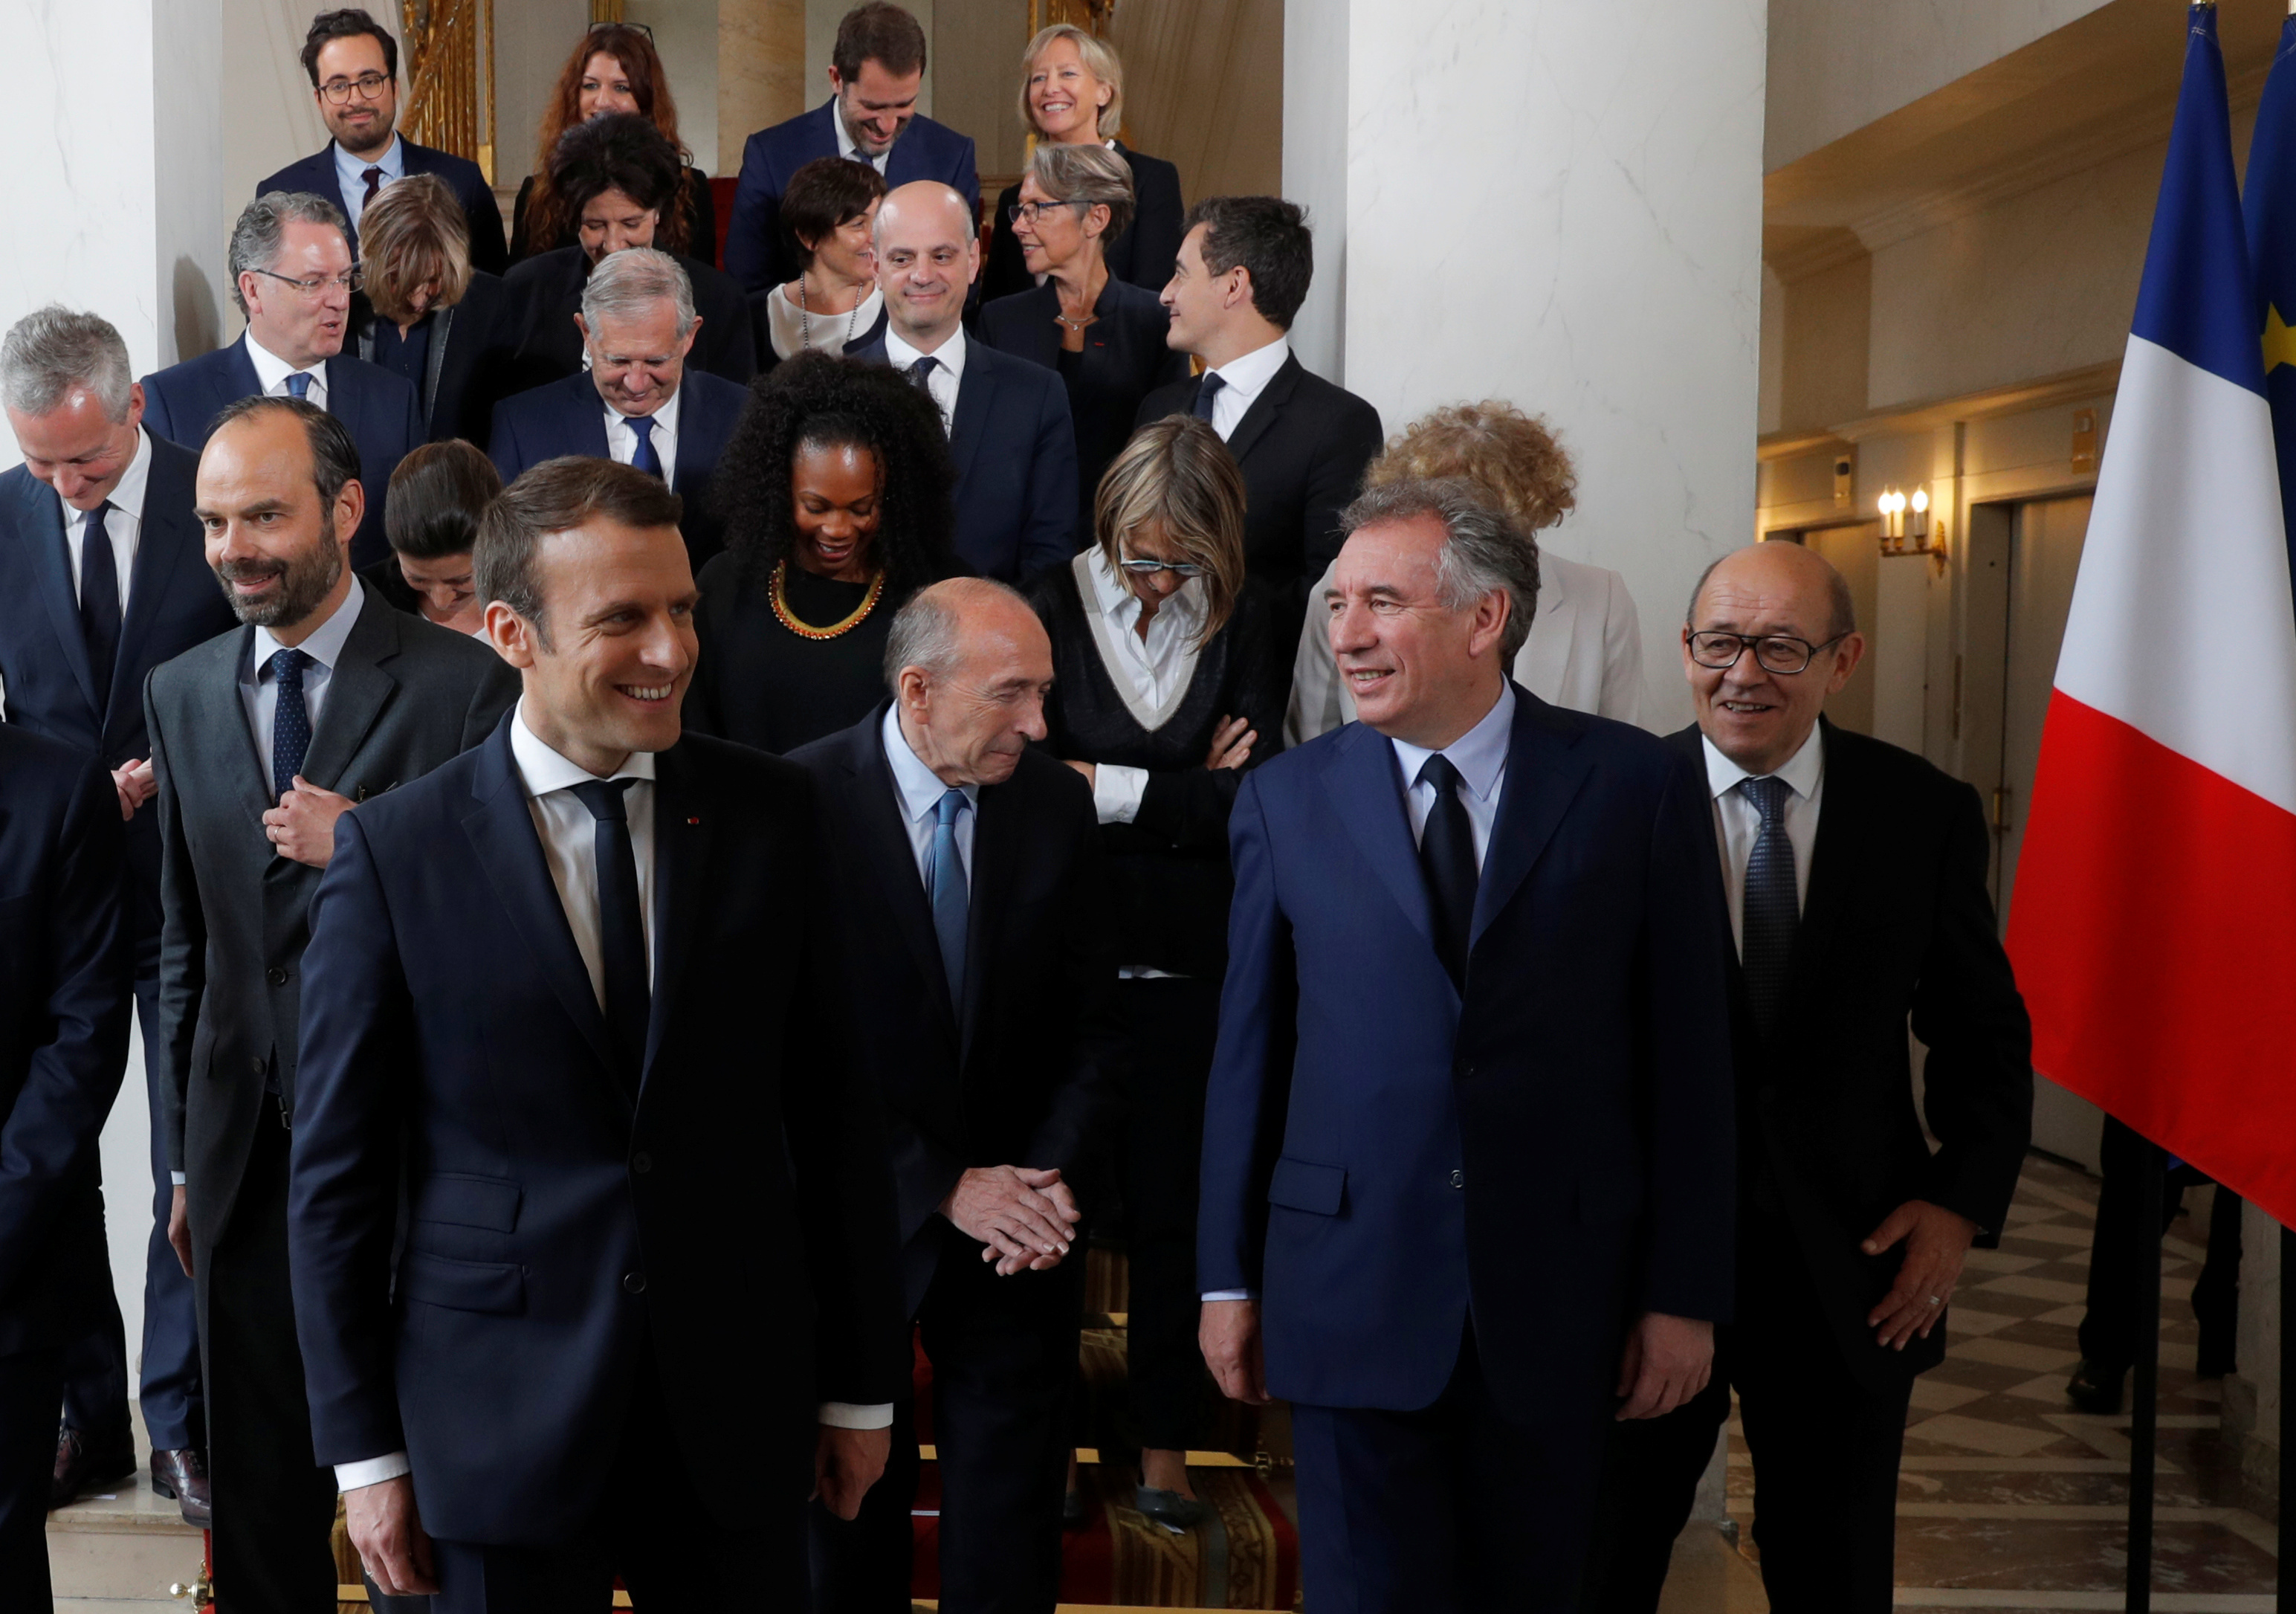 Sourires d'Emmanuel Macron, François Bayrou, Jean-Yves Le Drian après la photo de famille